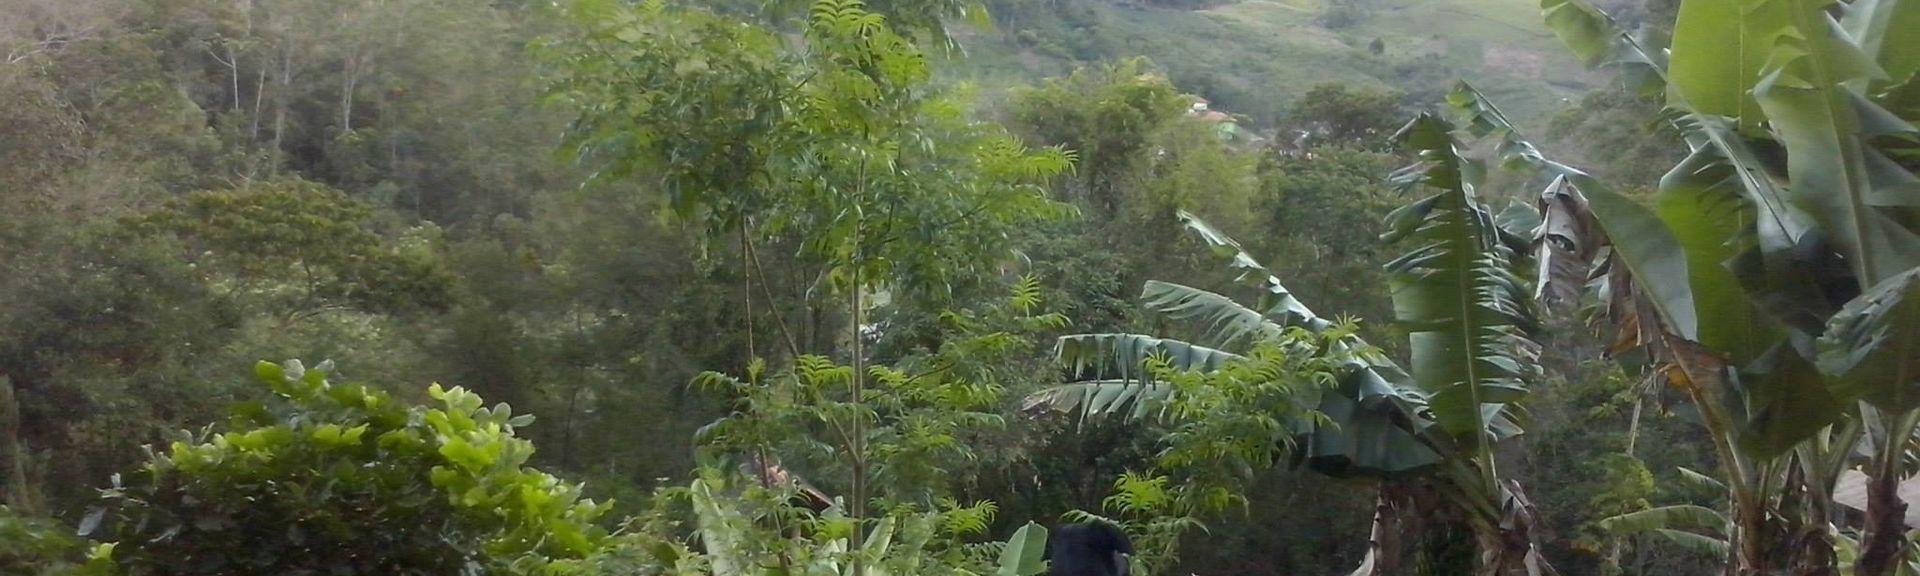 Nova Friburgo, Estado de Río de Janeiro, Brasil